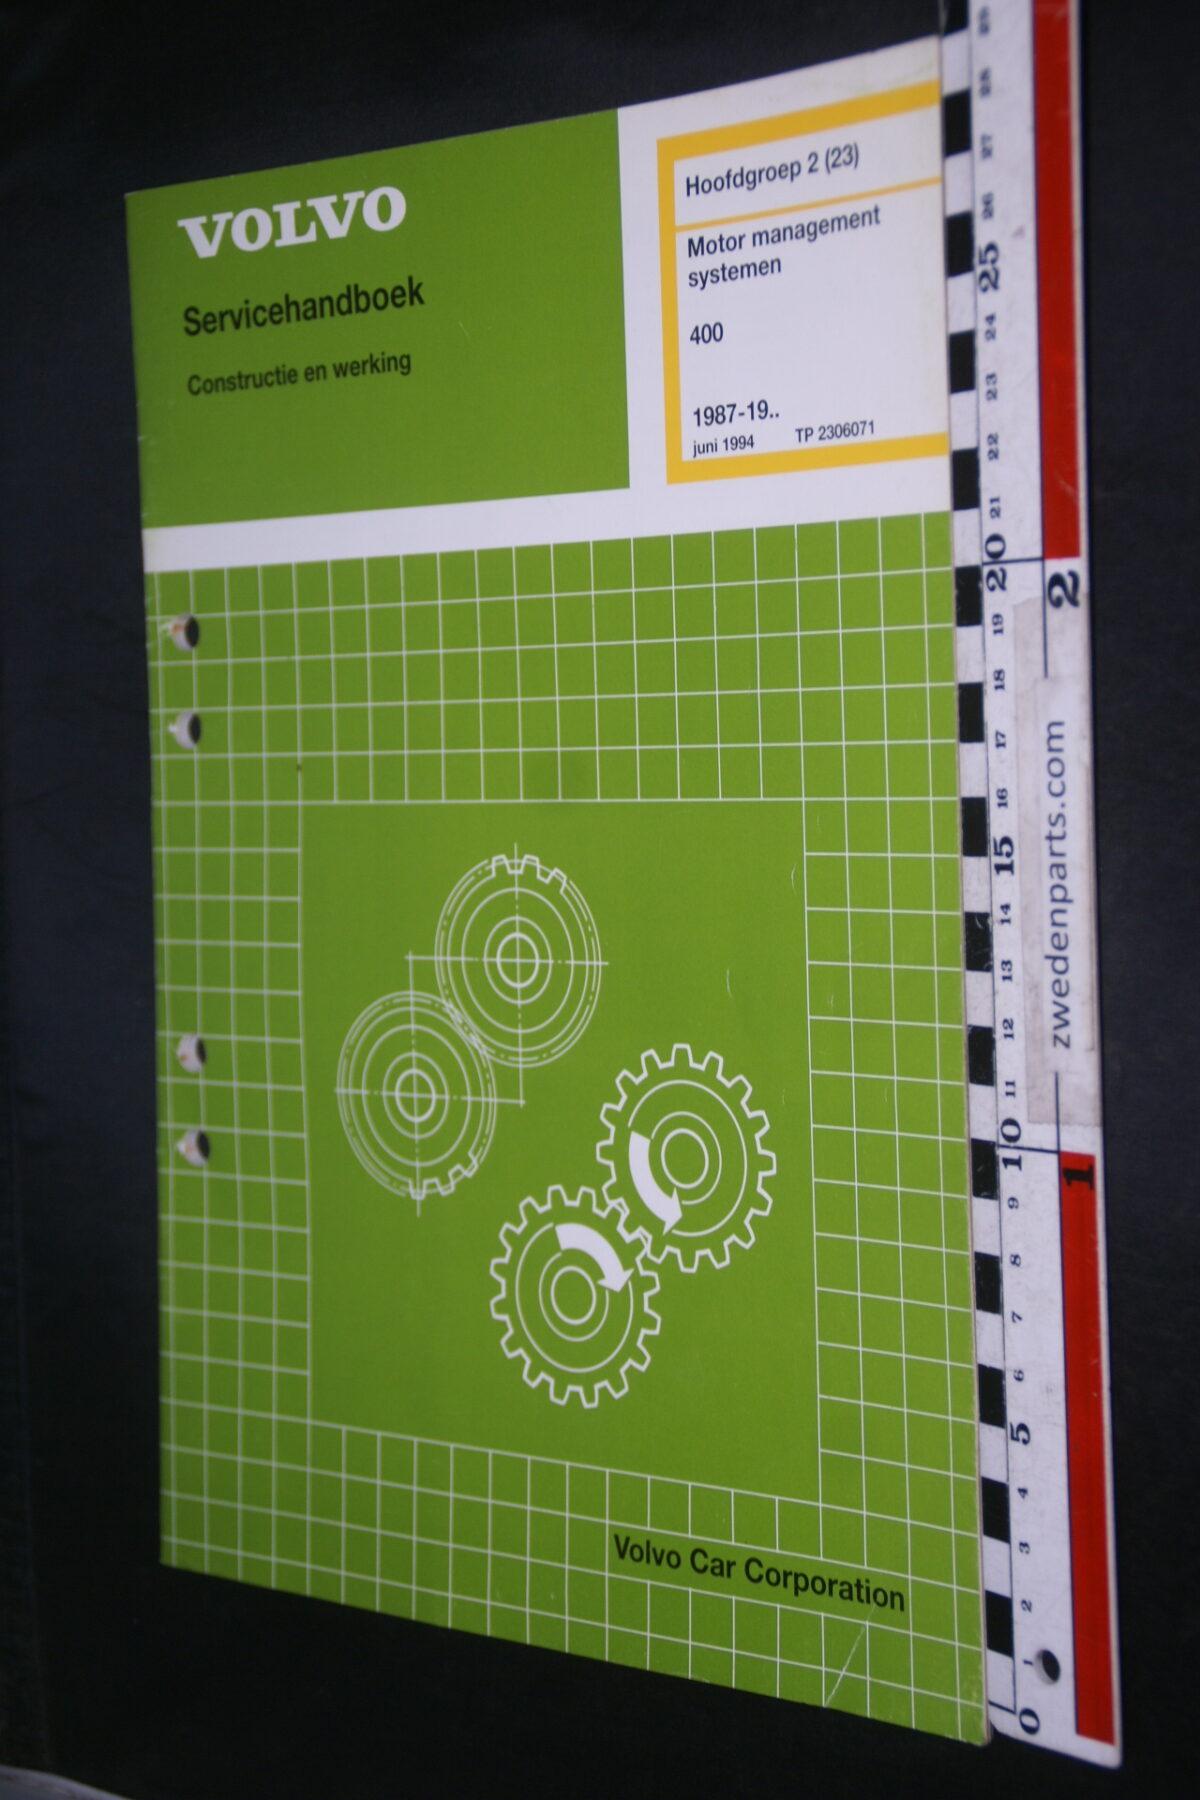 DSC09419 1994 origineel werkplaatsboek 2 (23) motormanagementsysteem  Volvo 400 480 1 van 1.000 nr TP 2306071